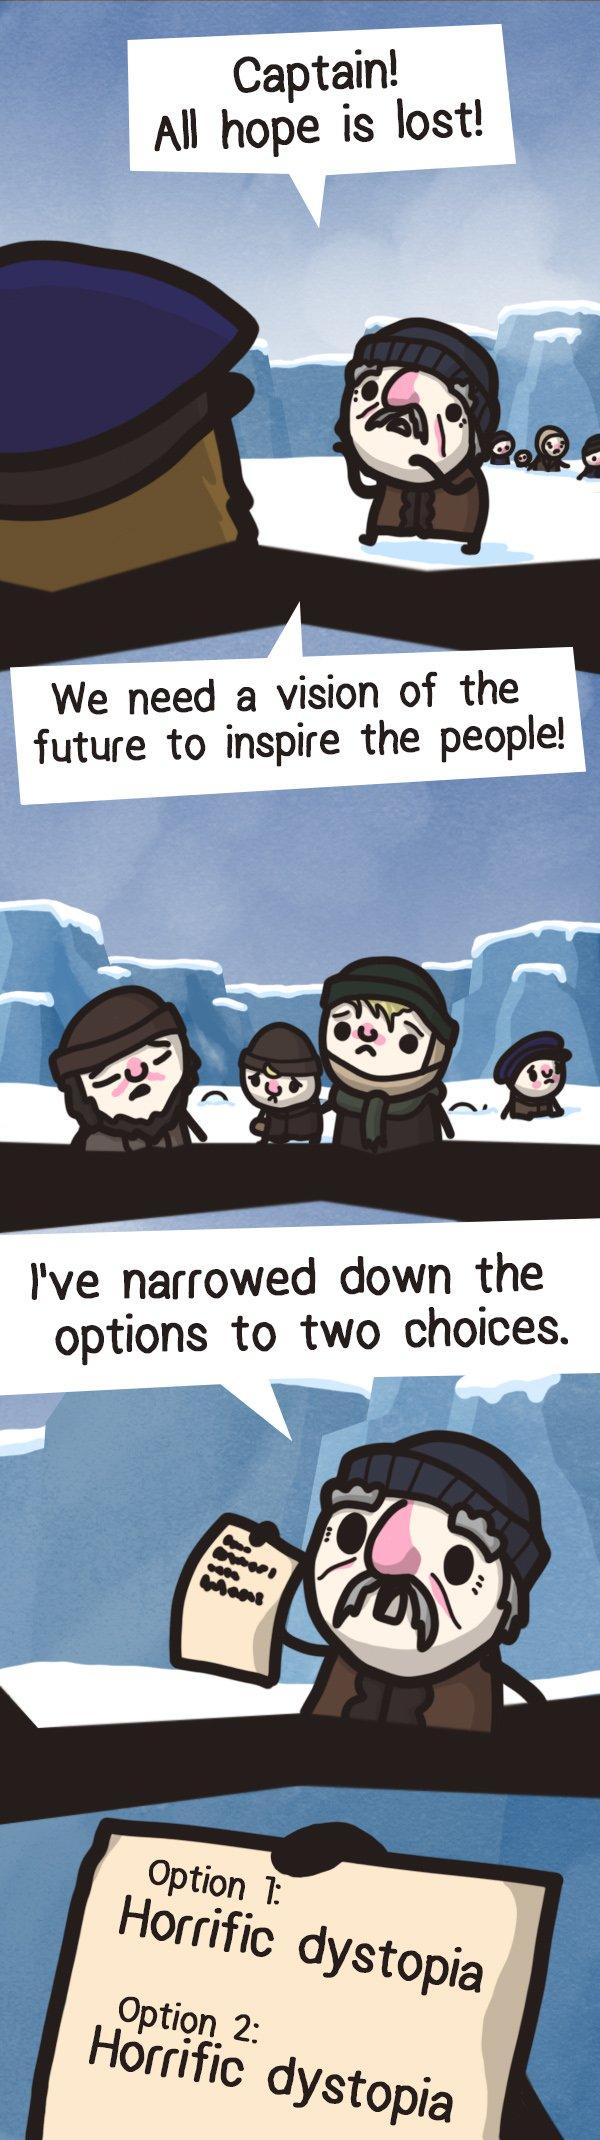 Chapel Comic парадоксовские игры Paradox парадоксодрочильни мемы отвратительные мужики disgusting men